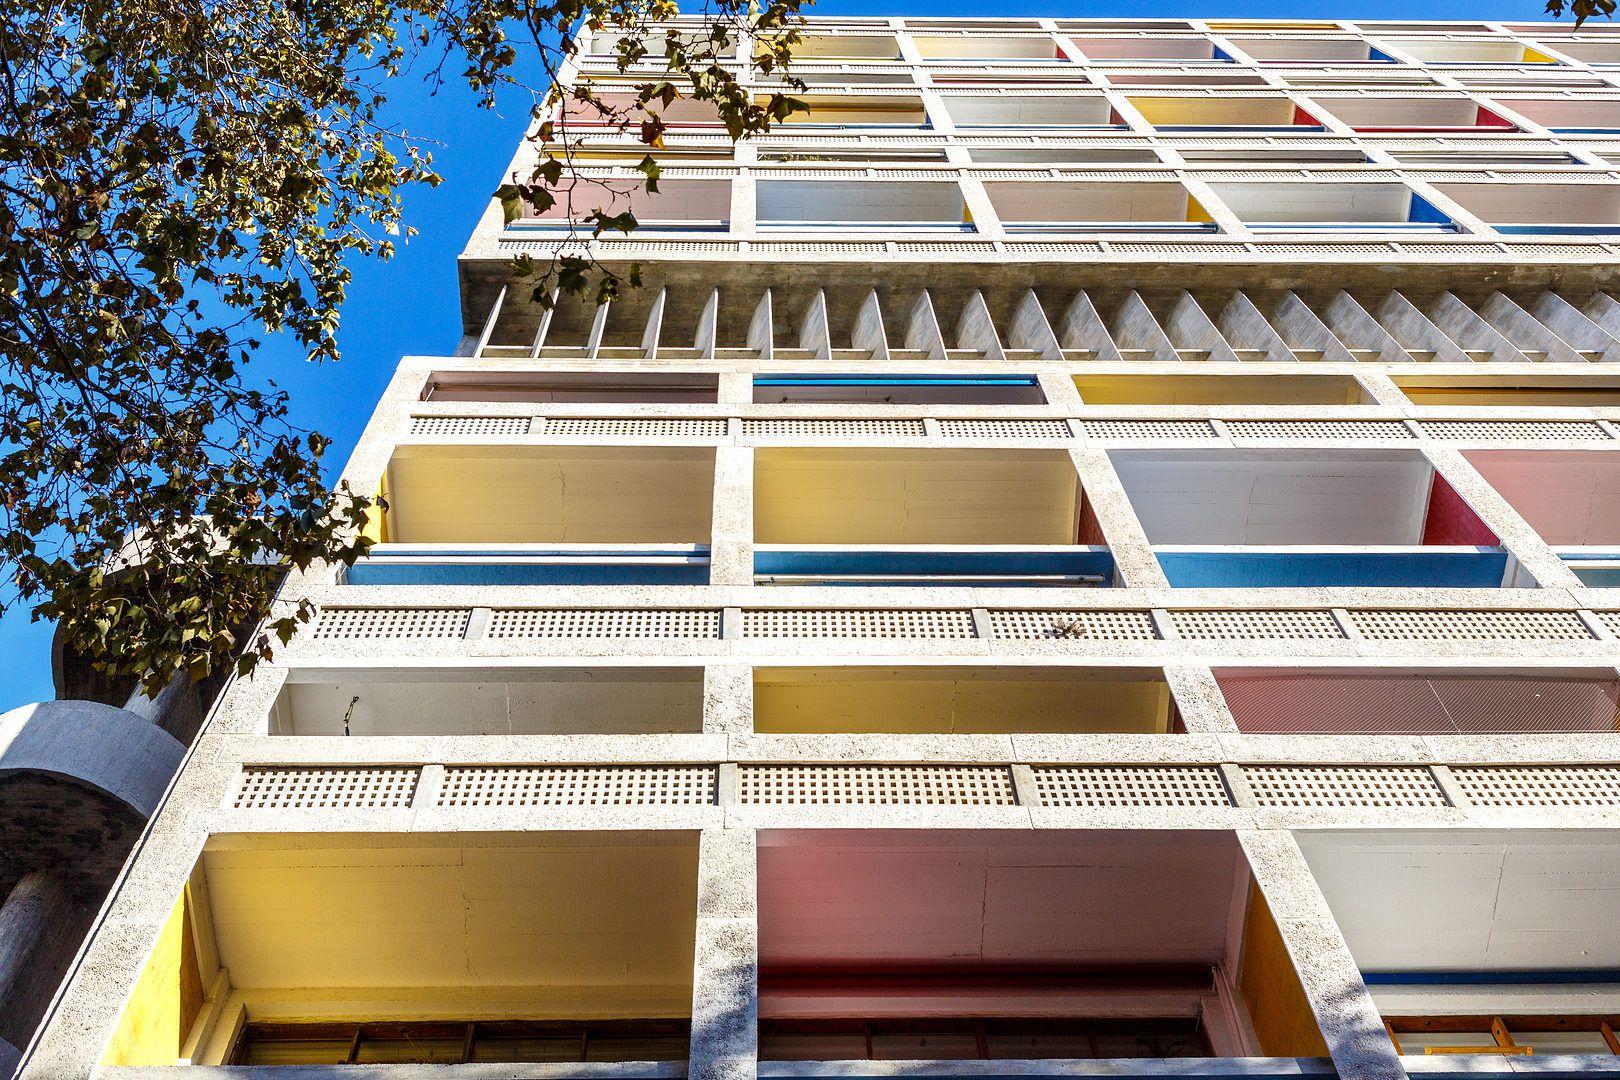 Cité radieuse de MarseilleFrederic Betsch | Frederic Betsch